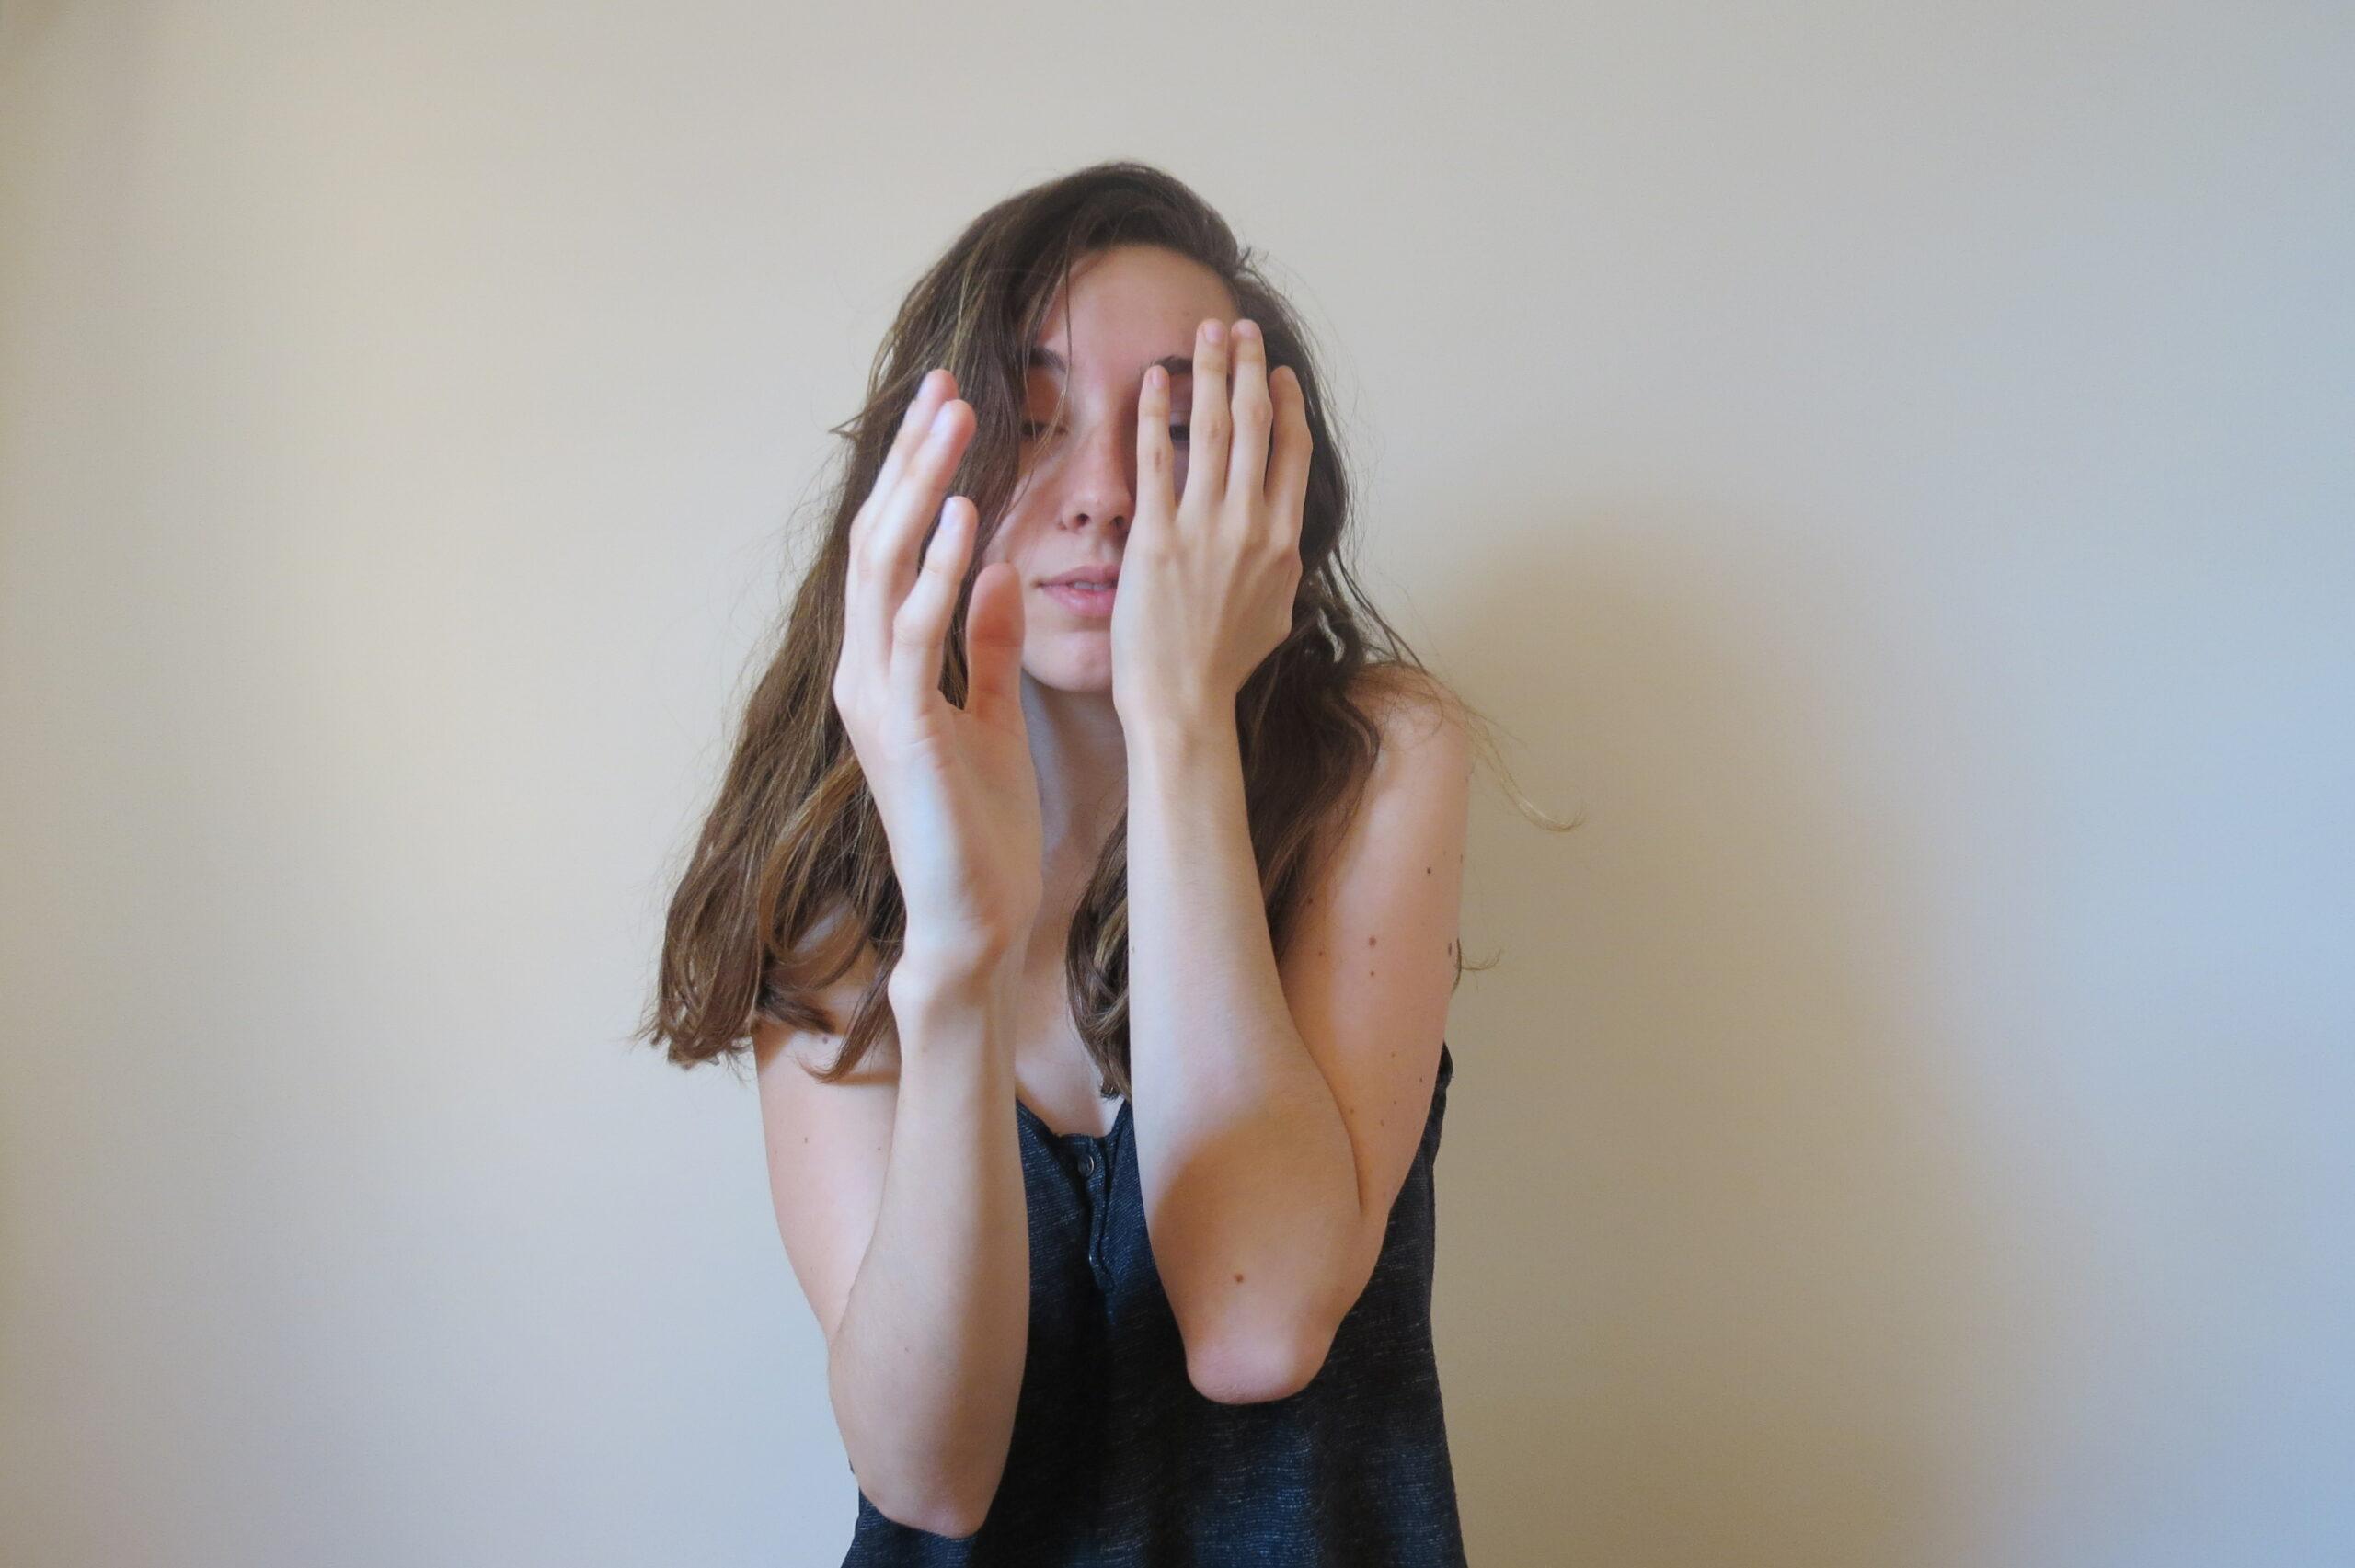 Une de mes mains caresse ma joue, me rappelant la sensation de la sienne. Mon autre main est tendue vers l'avant, cherchant son visage. Manque.